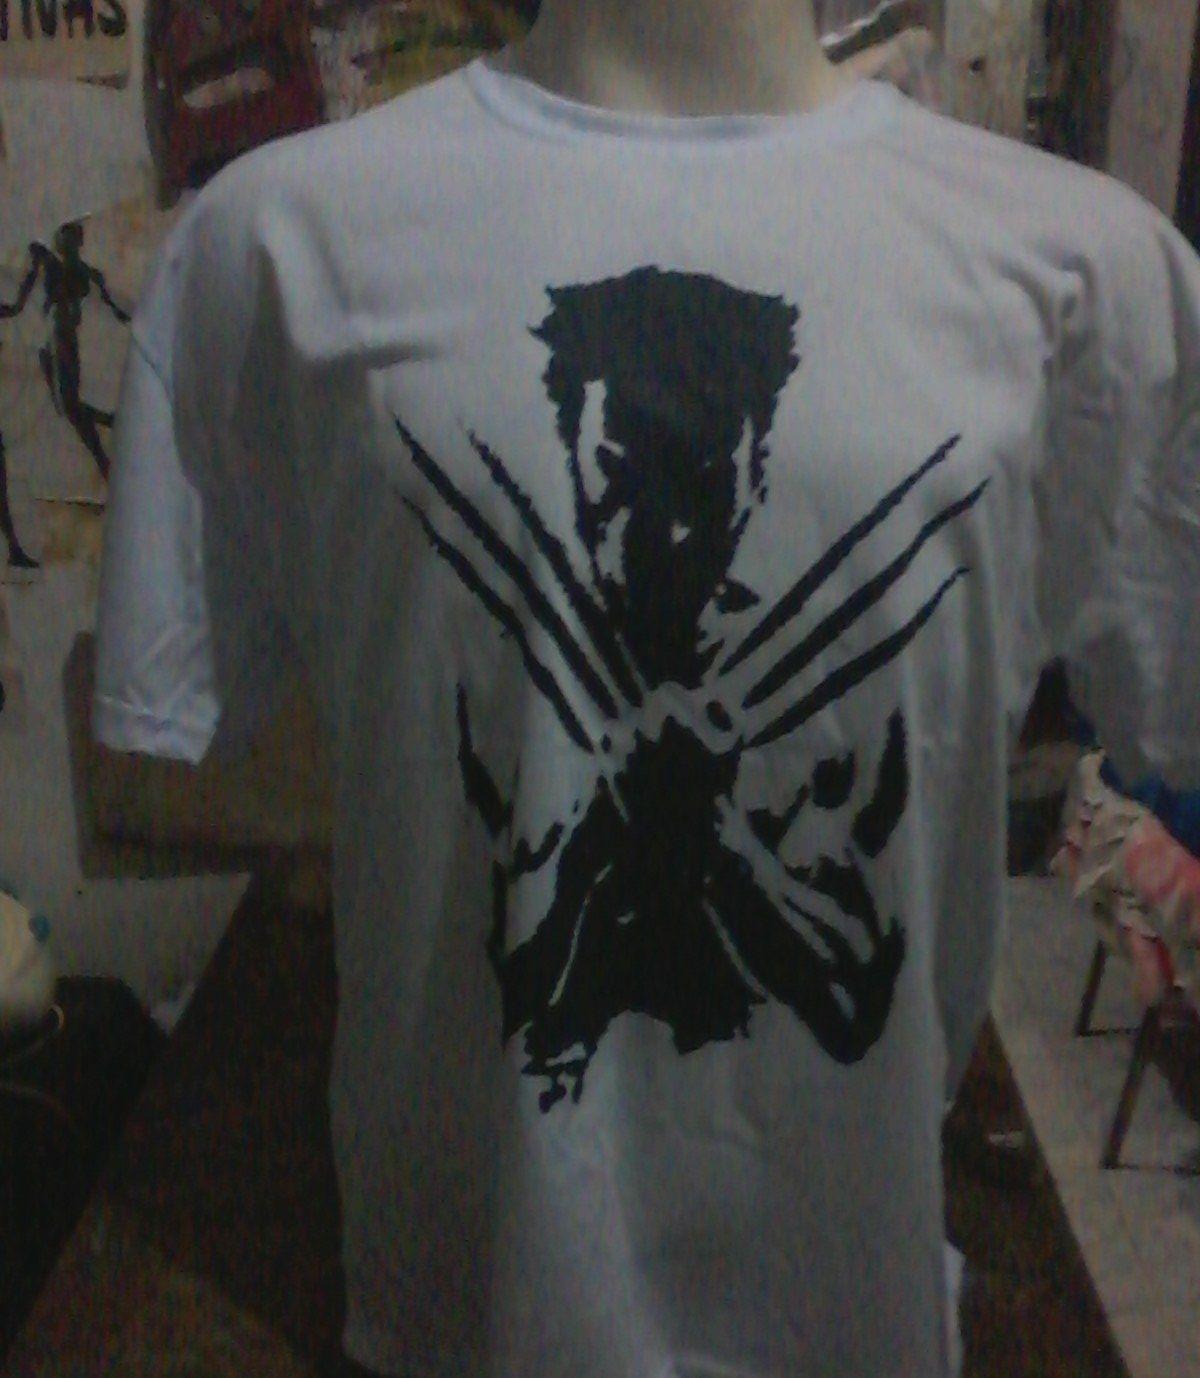 """Wolverine R$ 30,00 + frete Personalizamos e estampamos a sua ideia: imagem, frase ou logo preferido. Envie a sua ideia ou escolha uma das """"nossas"""".... Blog: http://knupsilk.blogspot.com.br Pagina facebook: https://www.facebook.com/pages/KnupSilk-EstampariaSerigrafia/827832813899935?pnref=lhc https://twitter.com/KnupSilk"""